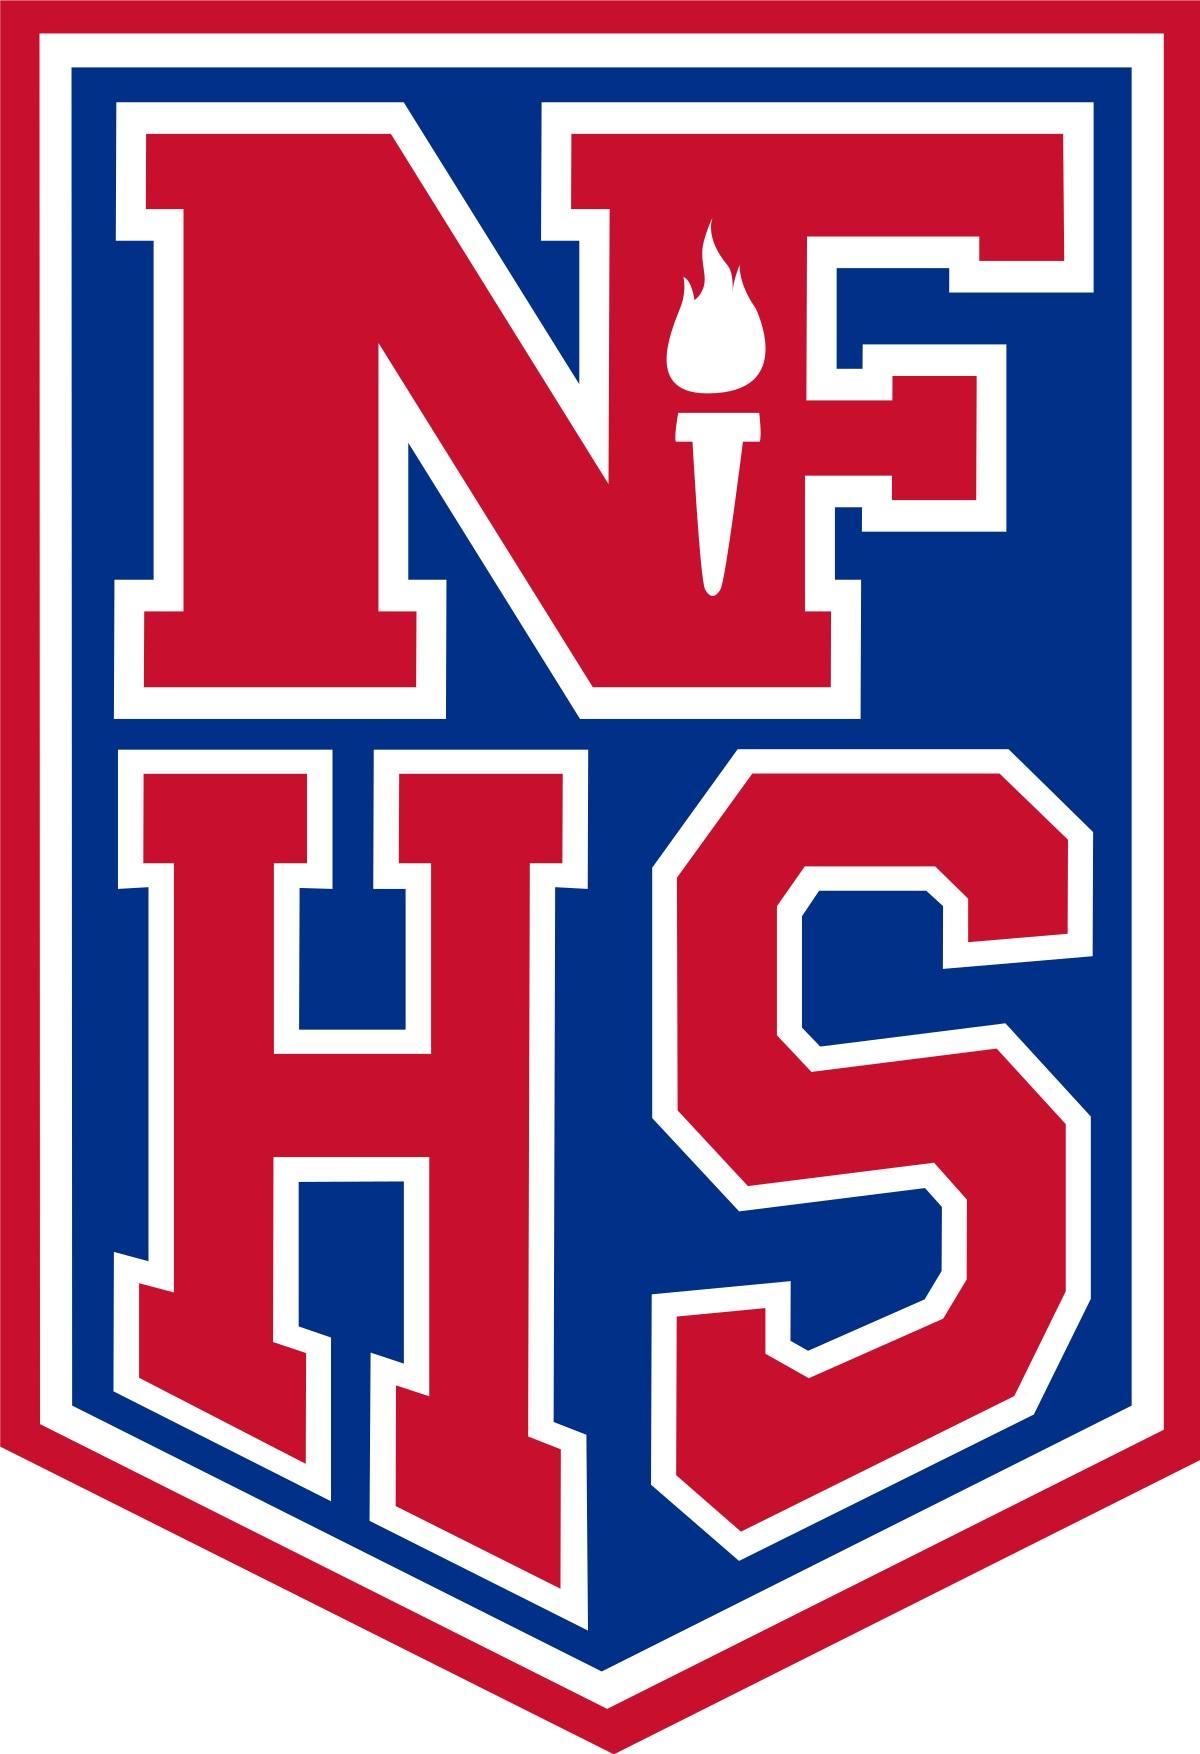 NFHS-Logo.jpg